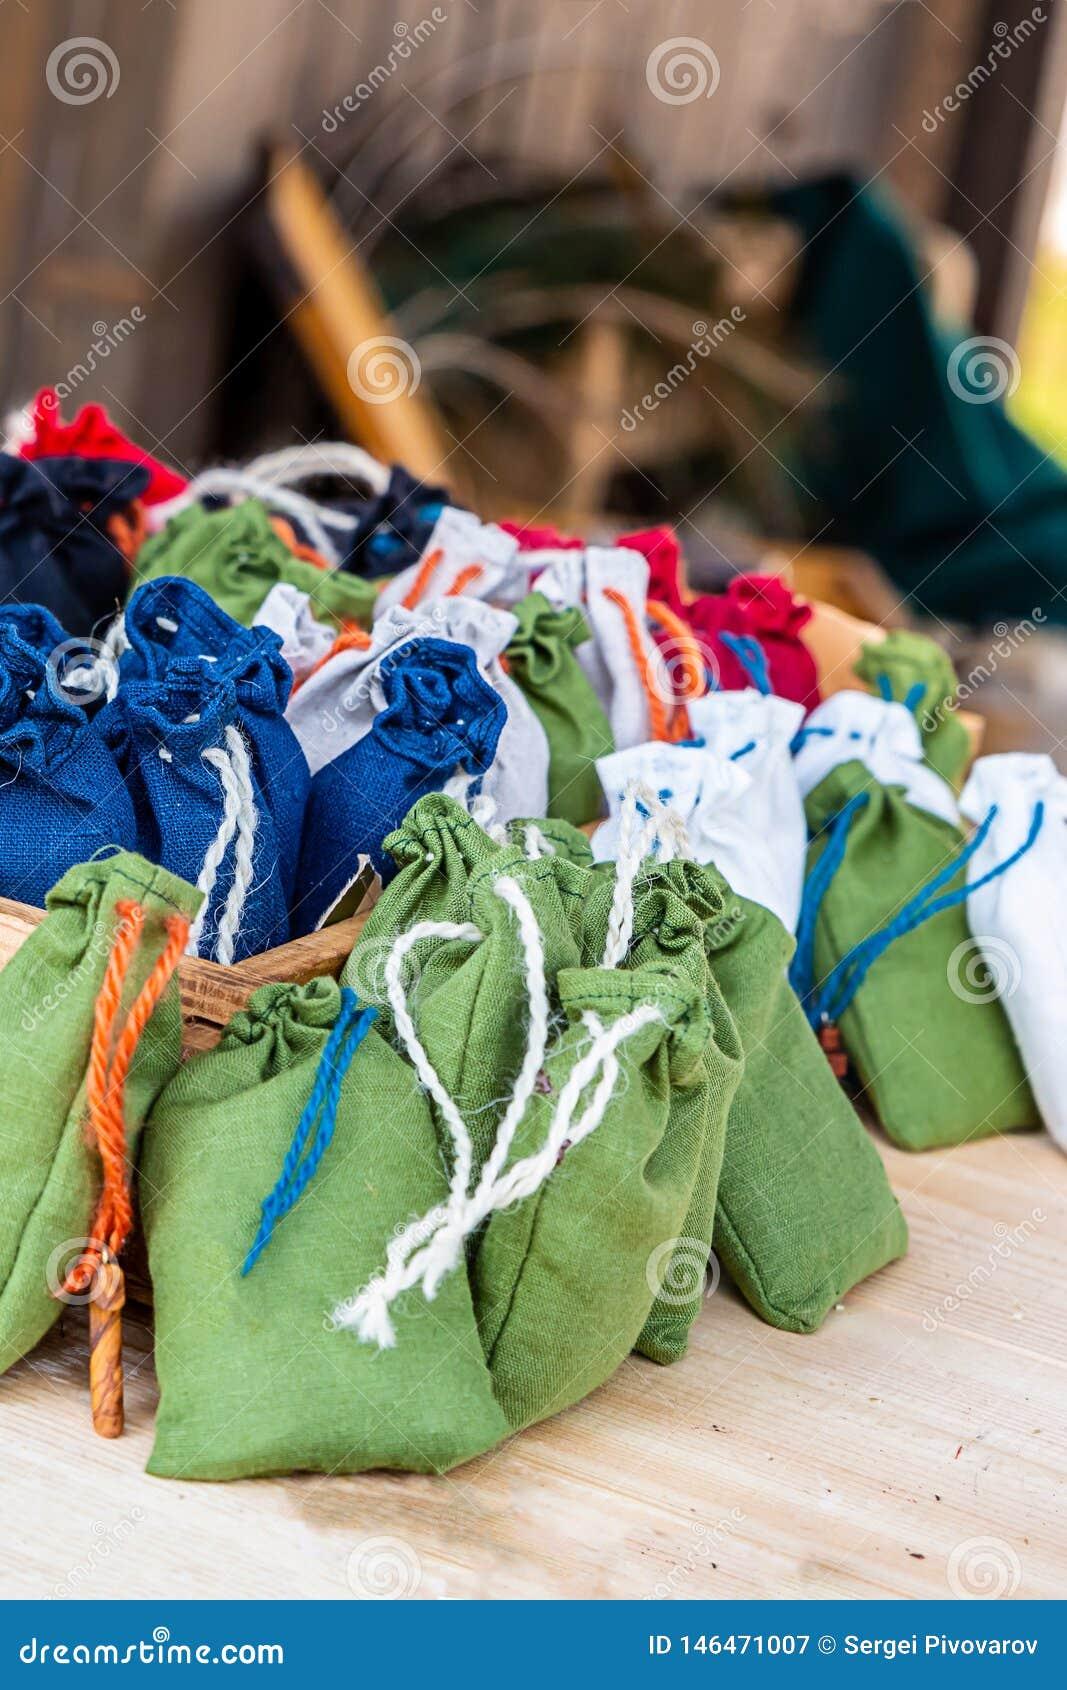 Связь веревочки установленной мешковины мешка зеленая темно-синая белая пестротканая на встречном медалисте средневековом